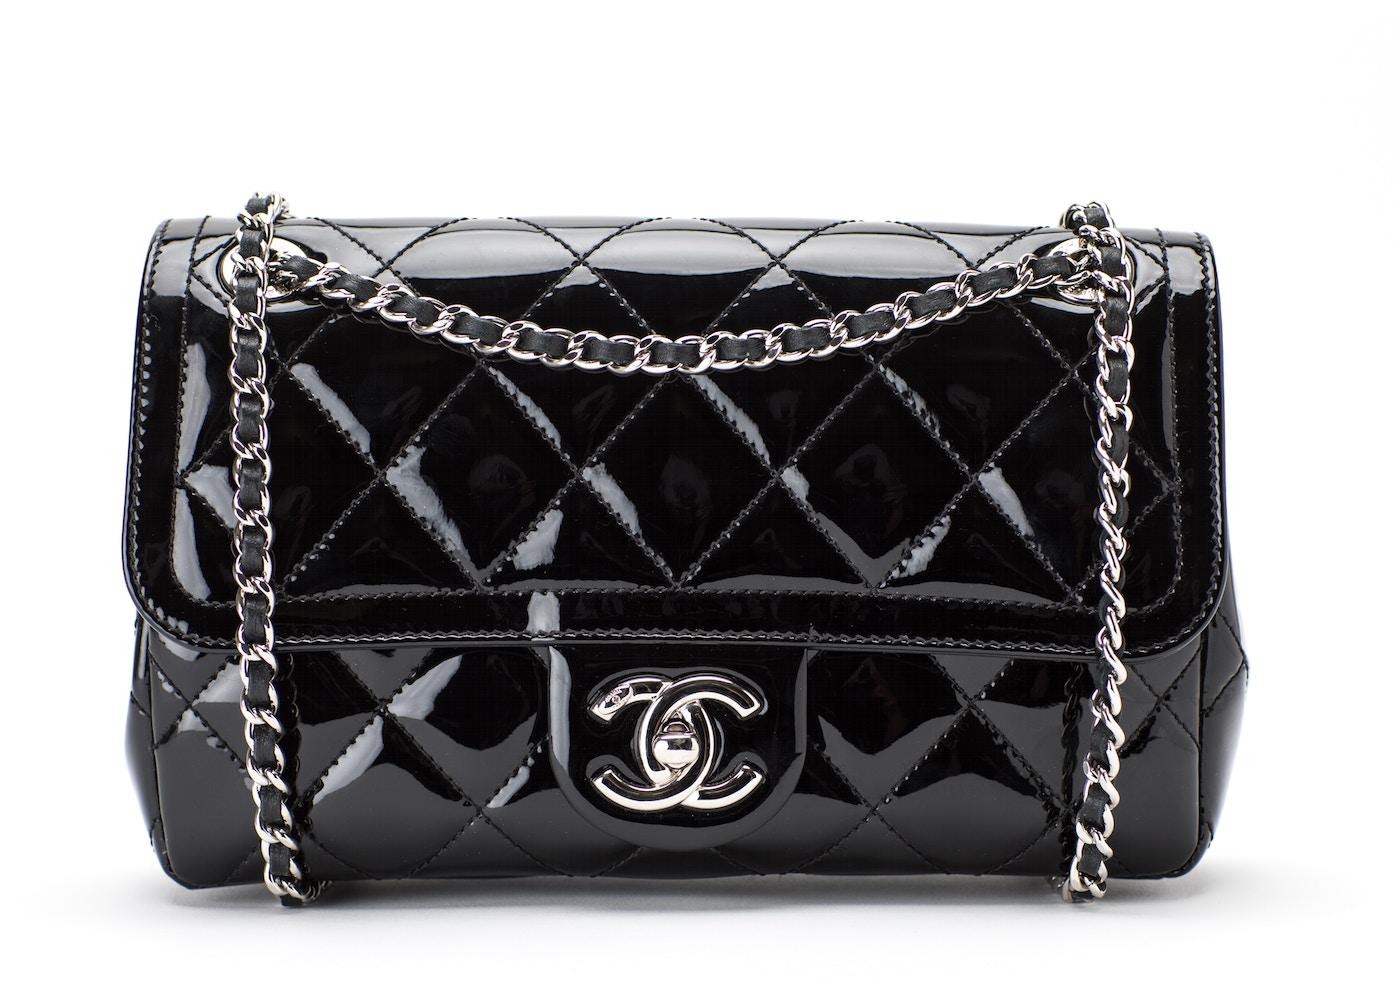 6b58fc960292bb Buy & Sell Chanel Flap Handbags